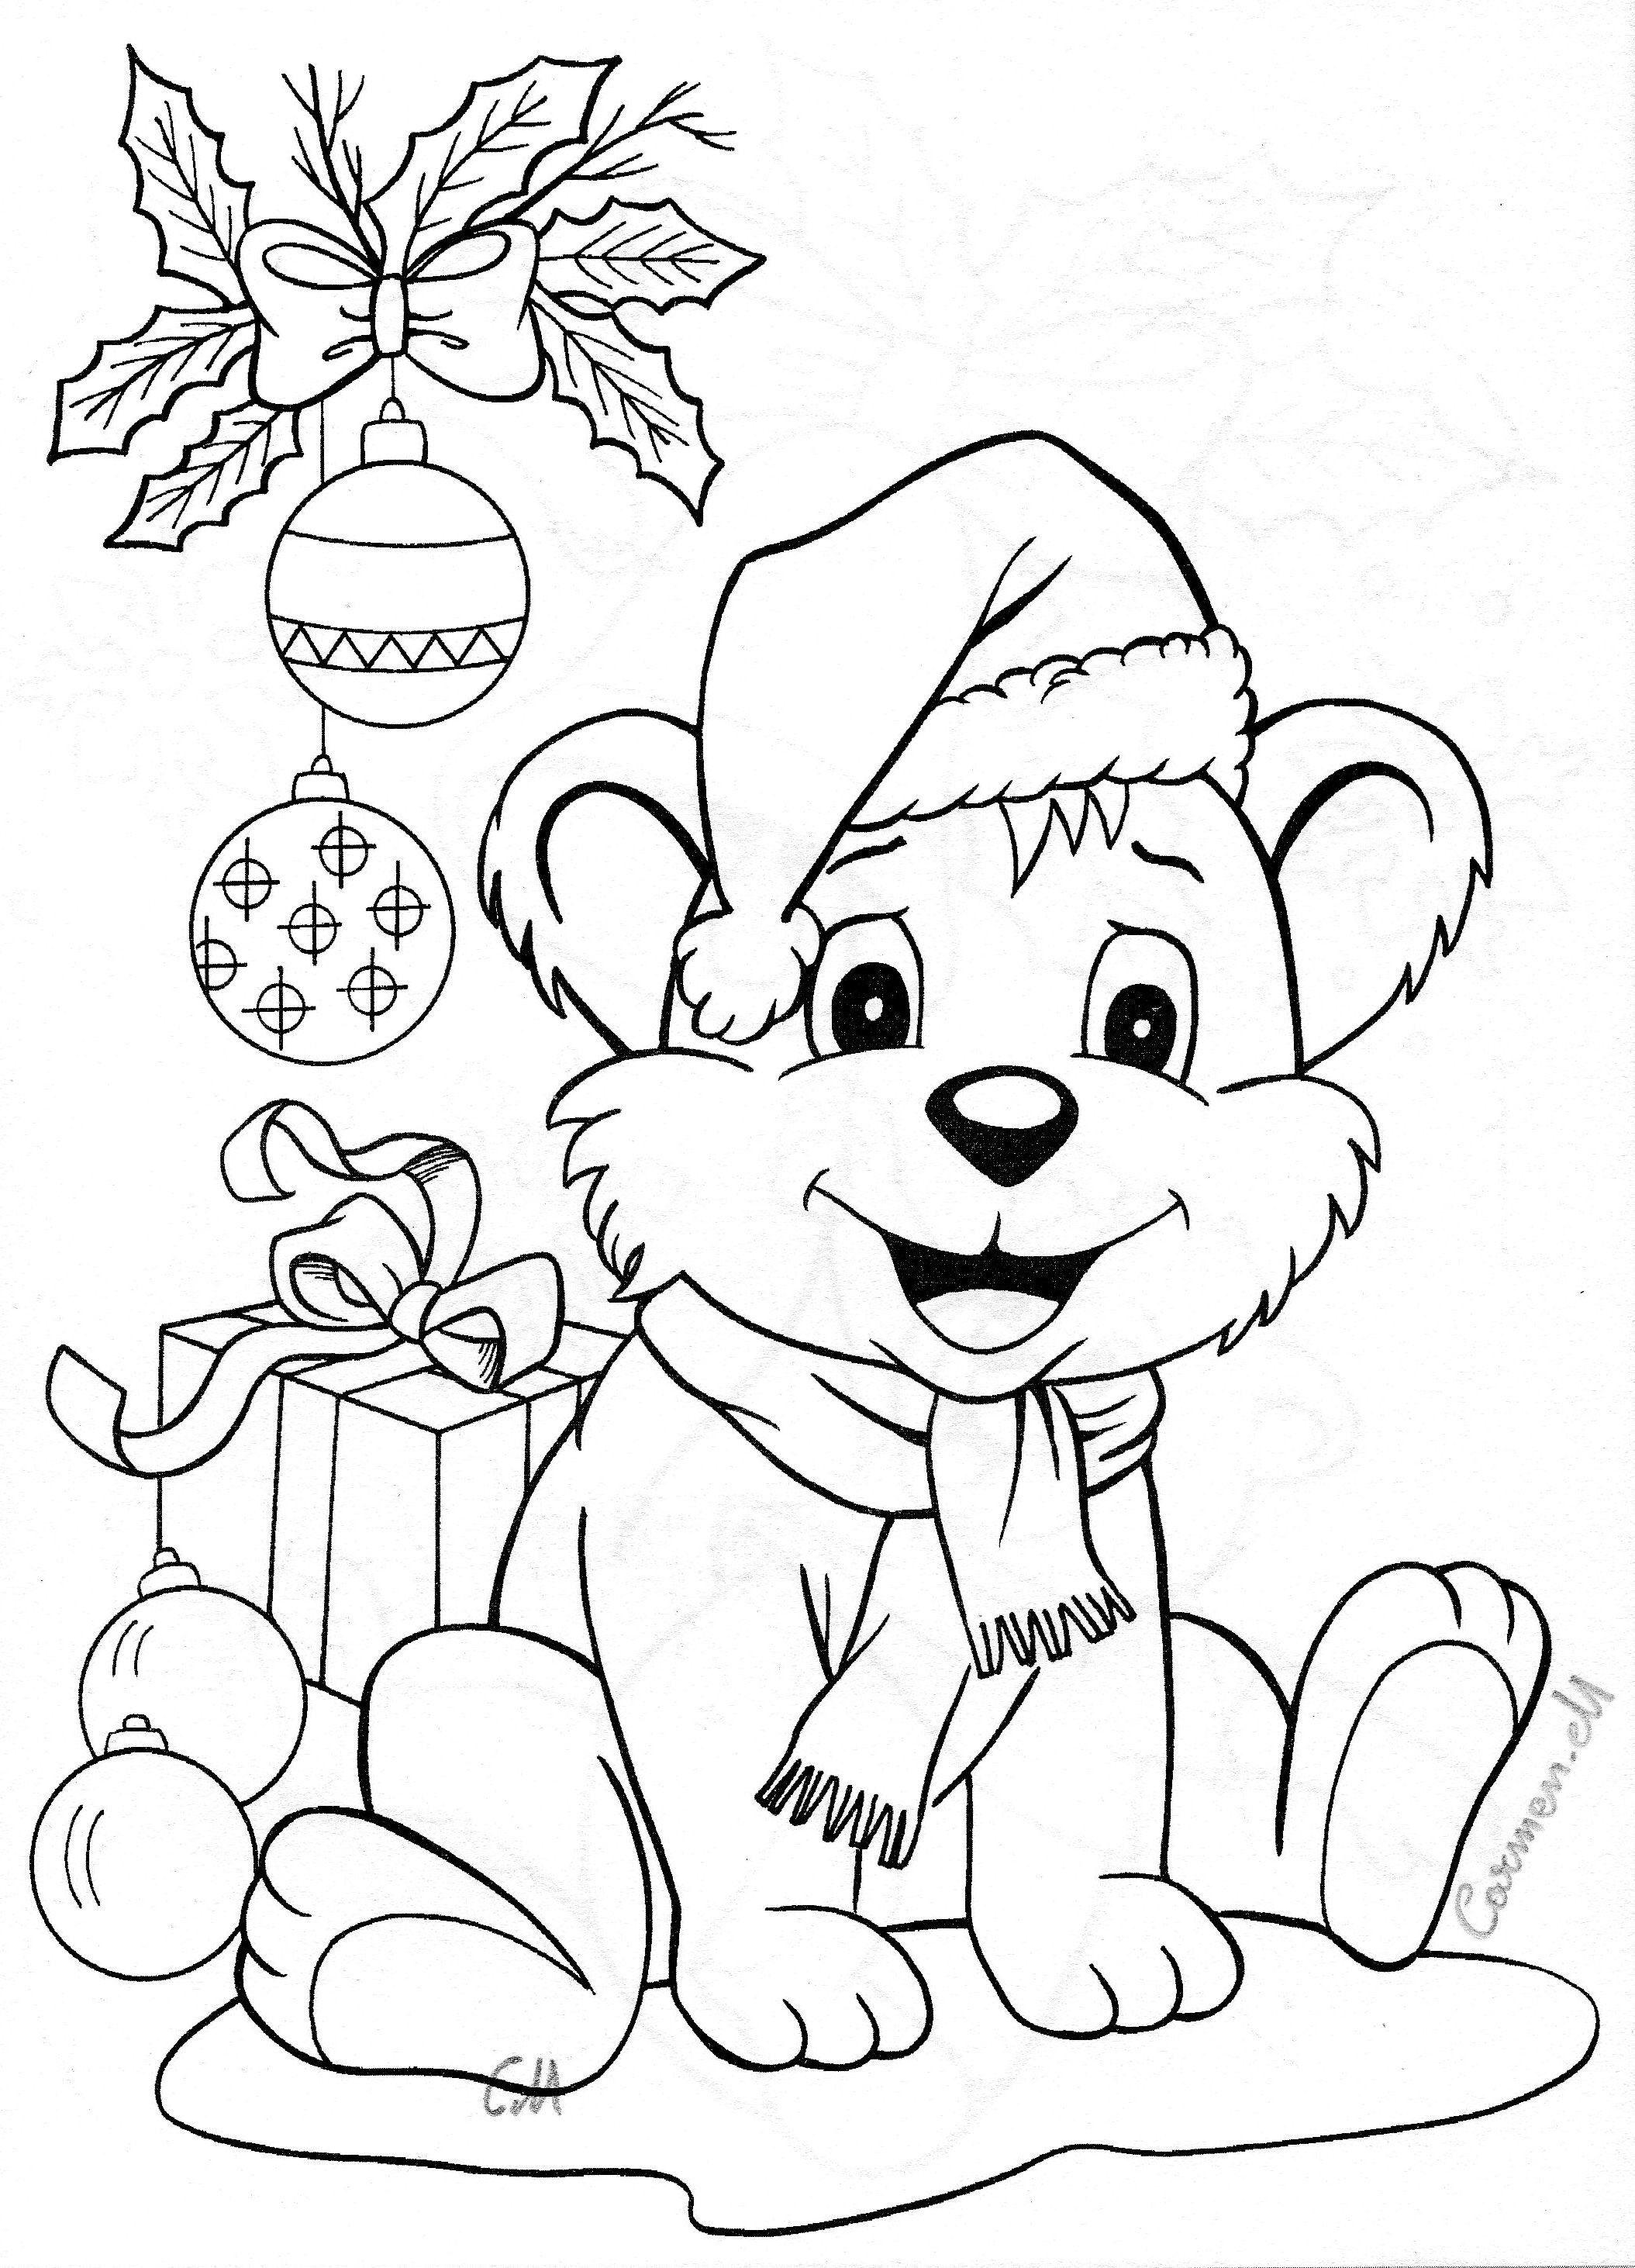 neu weihnachten zum ausmalen #malvorlagen #